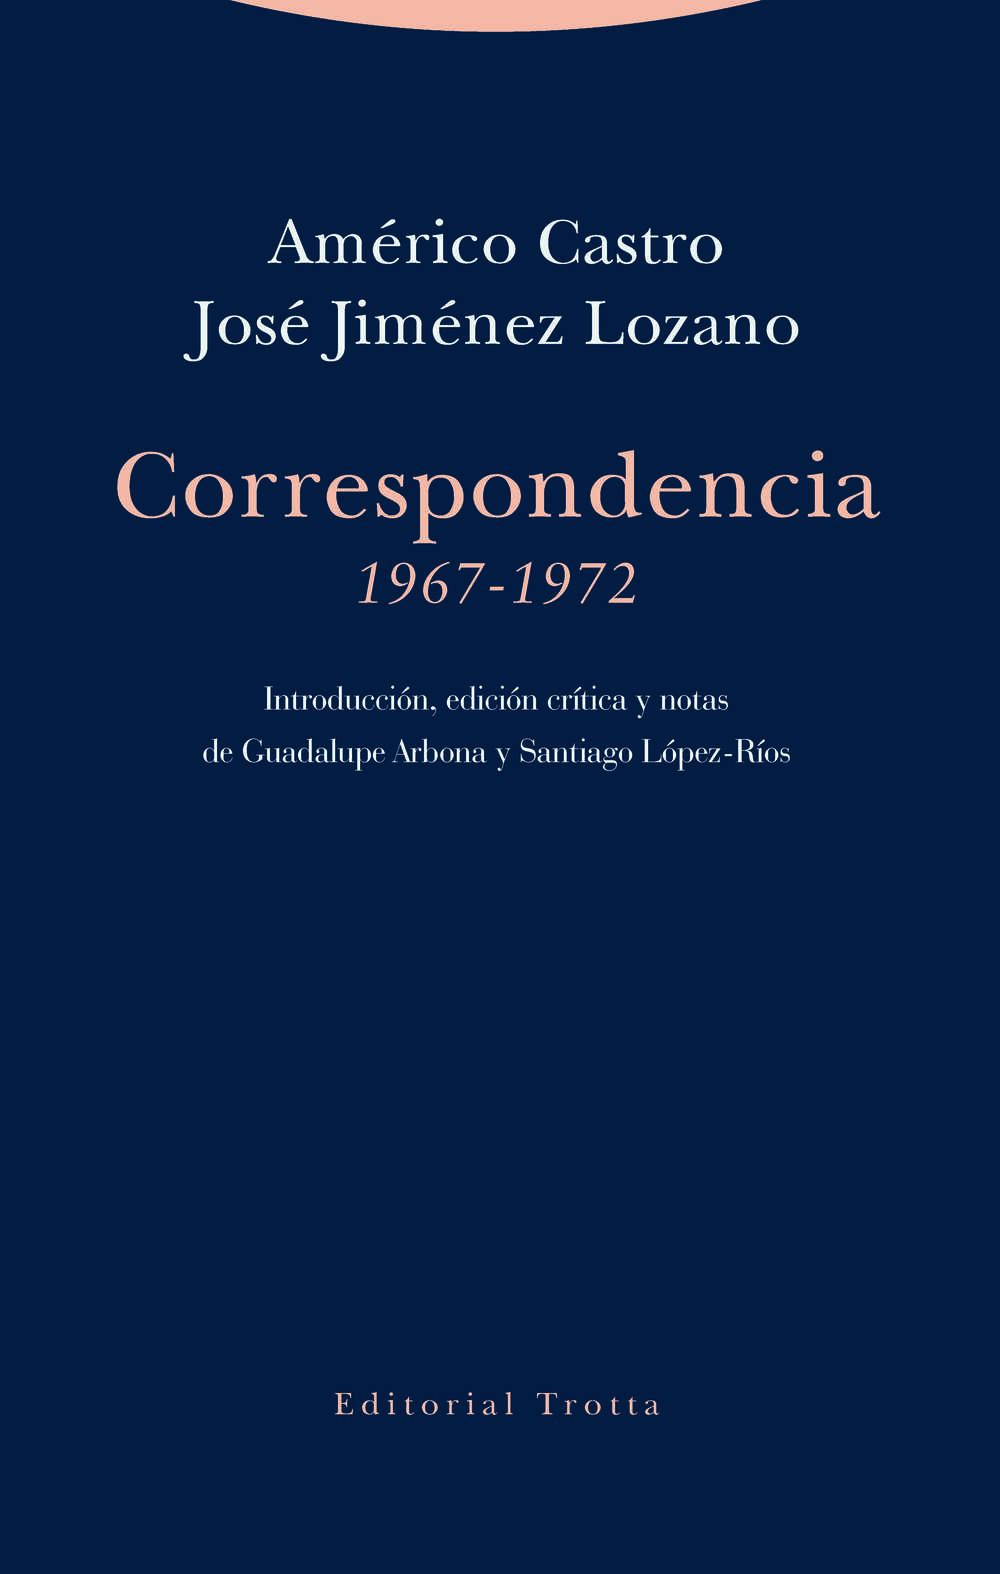 Correspondencia (1967-1972)